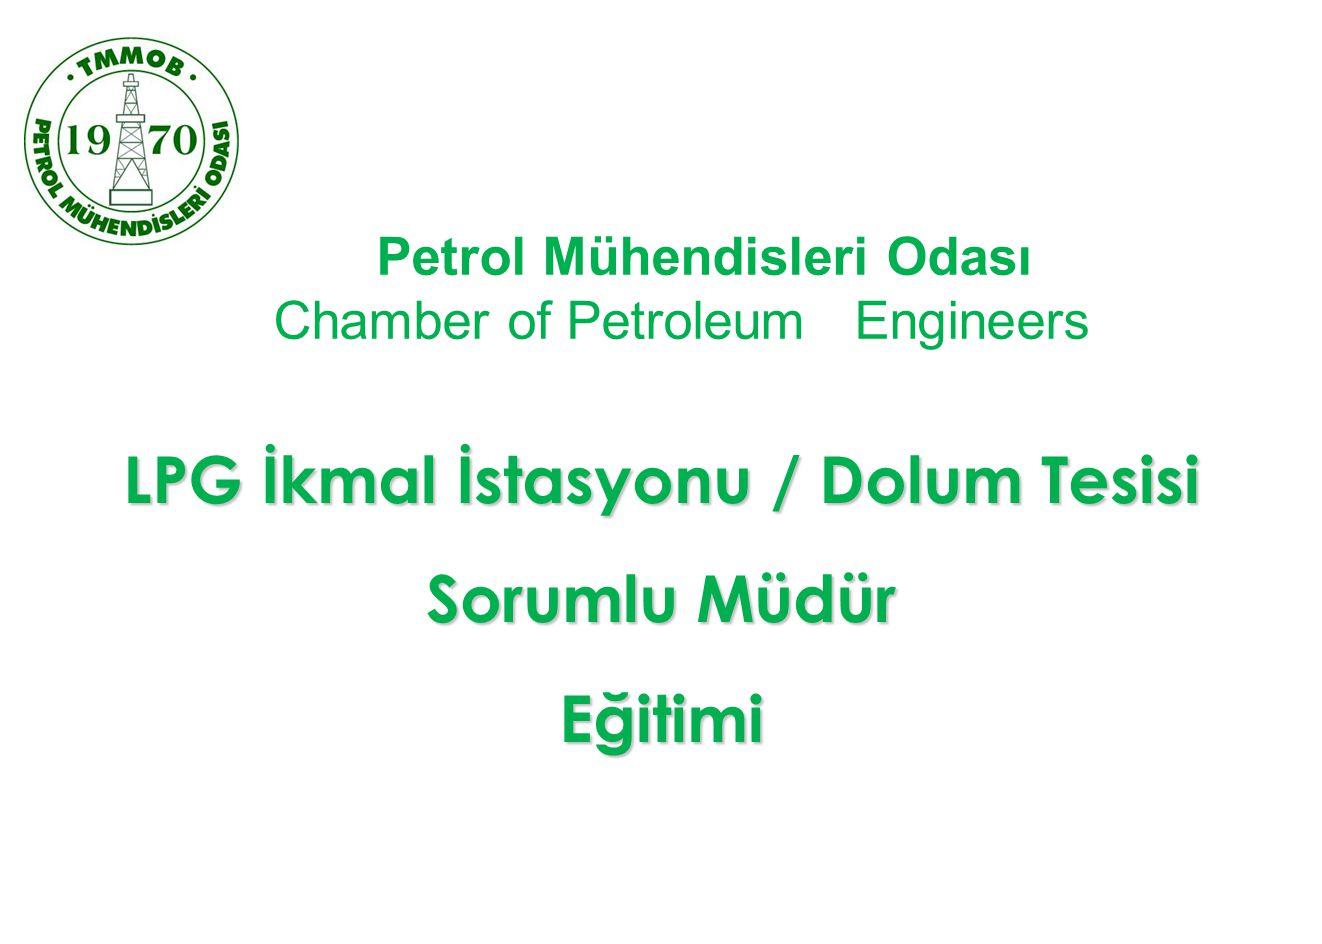 LPG İkmal İstasyonu / Dolum Tesisi